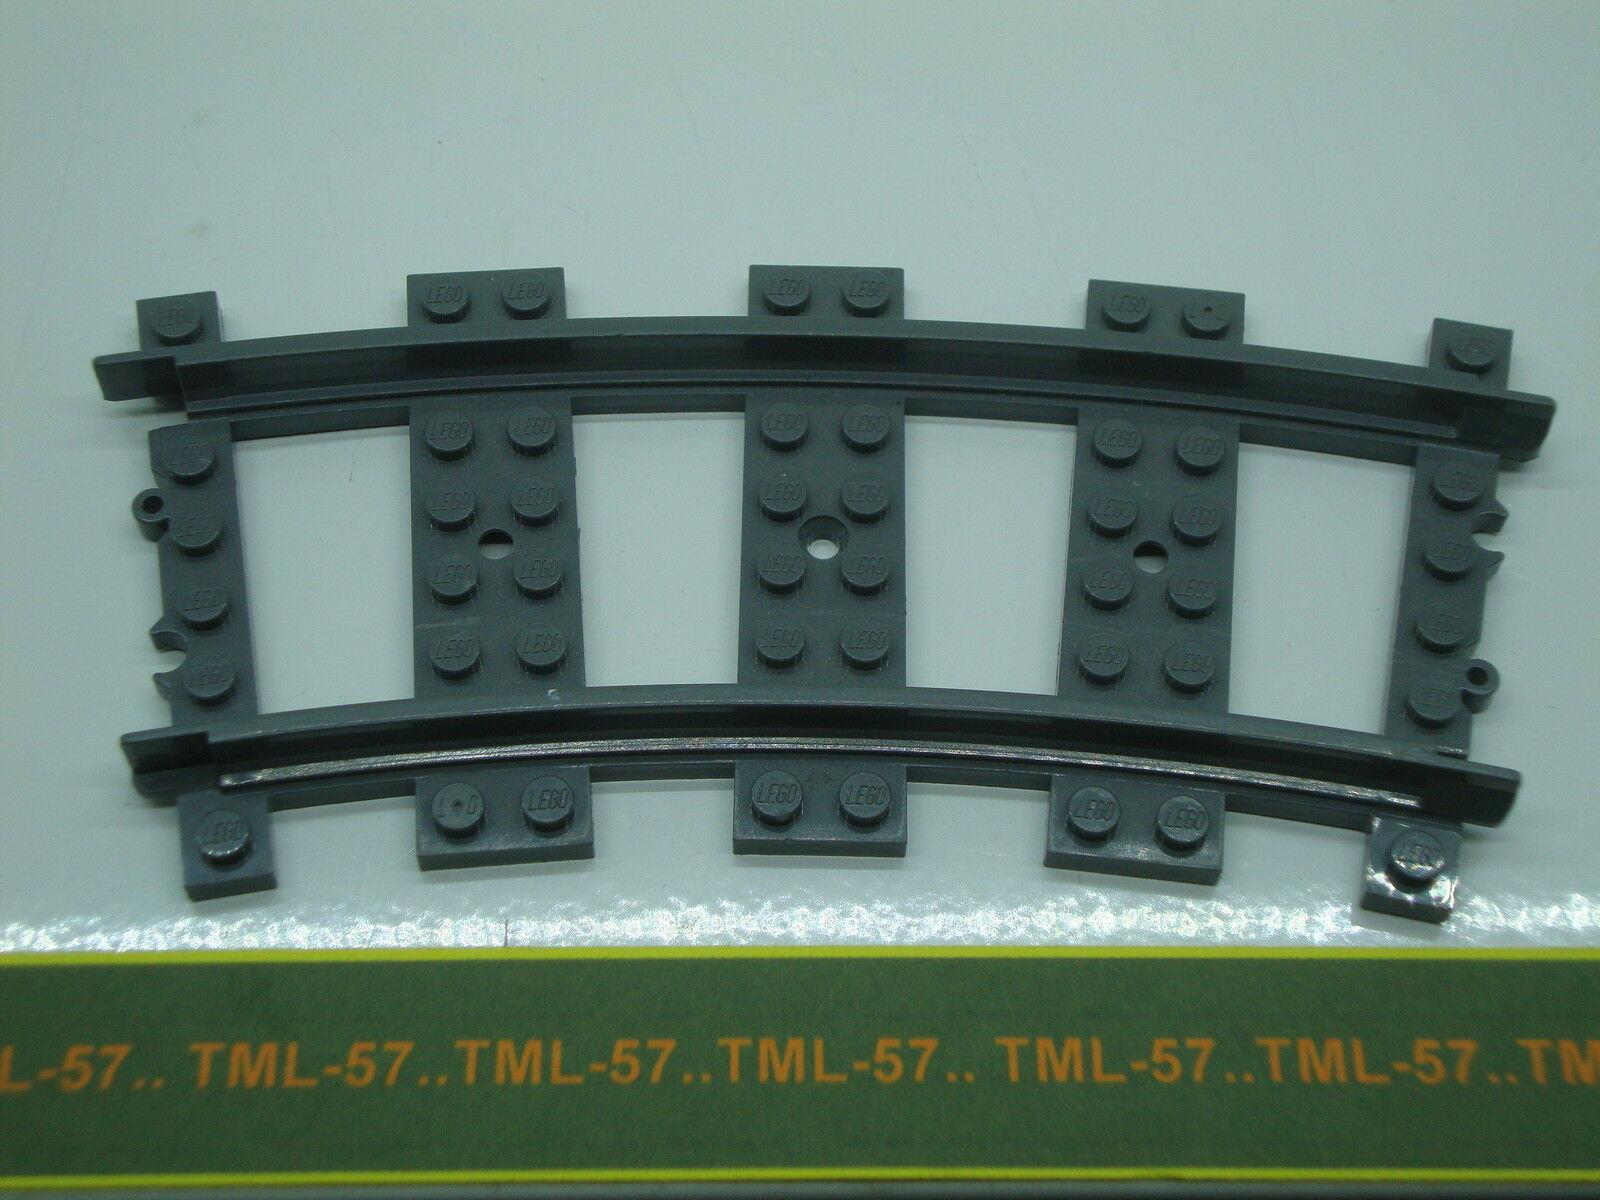 Légo TRAIN LEGO CITY - RAIL courbe en plastique grau foncé COURBE - Lot de 15